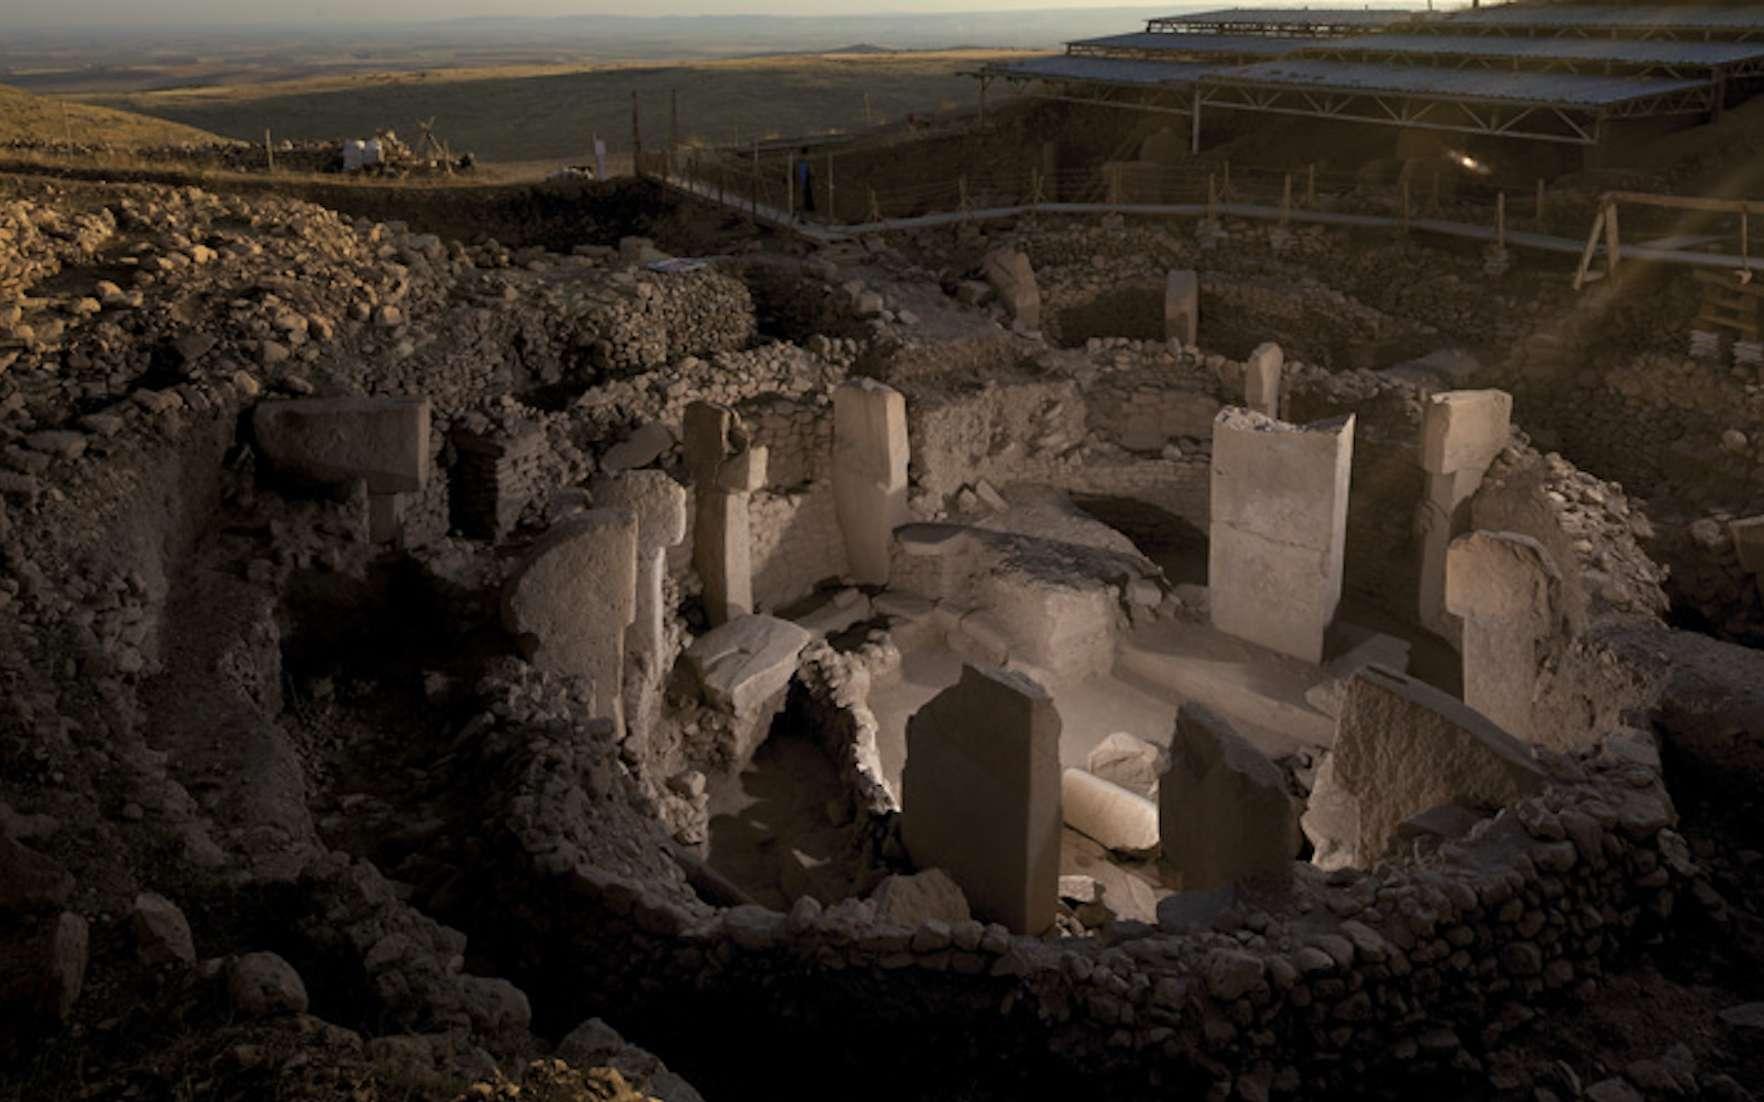 Dans le sud-est de la Turquie, les bâtiments sur le site de Göbekli Tepe ont plus de 11.000 ans. © Vincent J. Musi